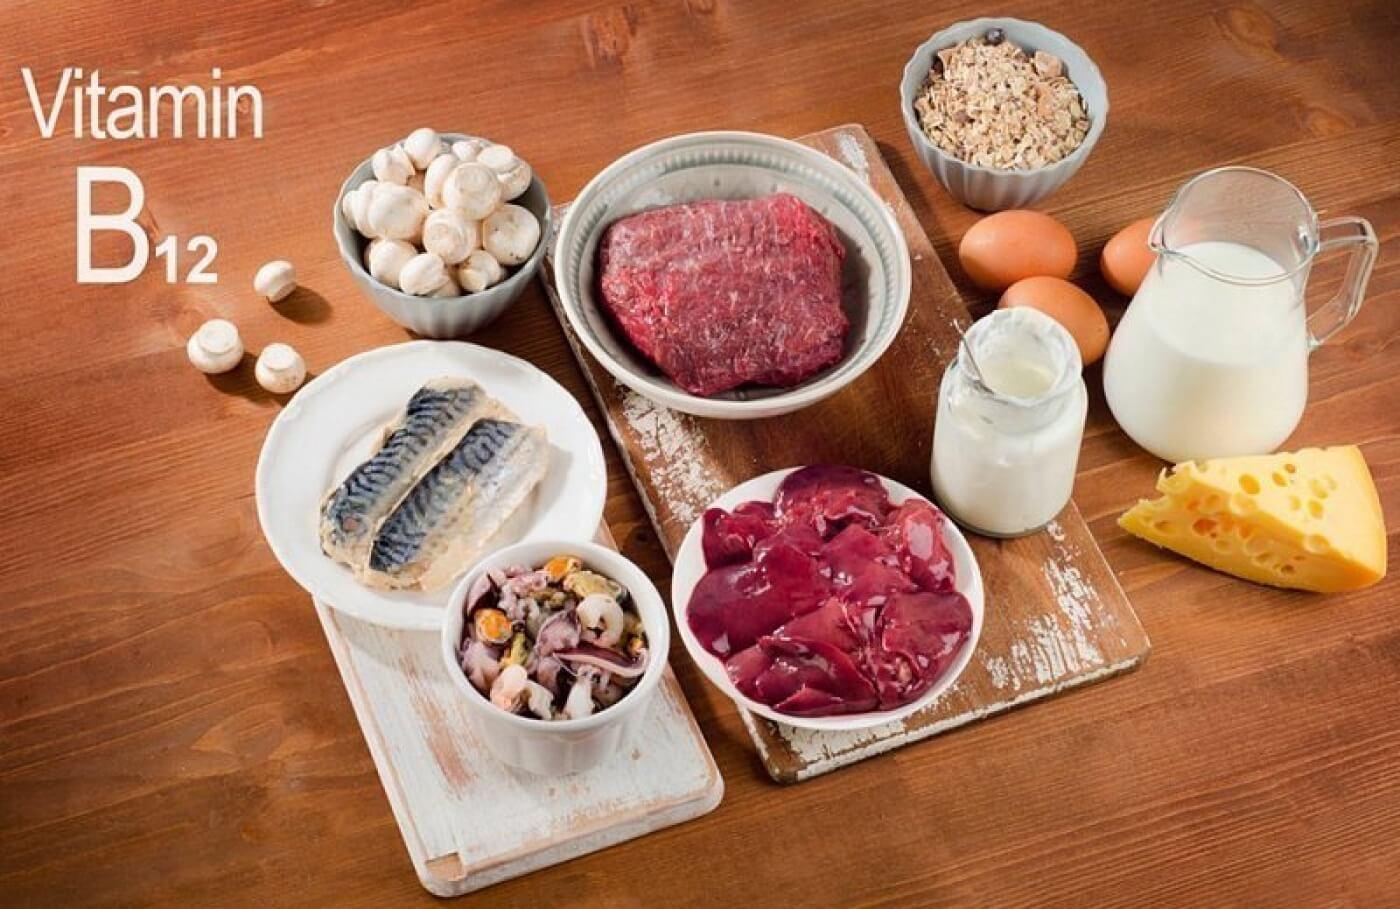 Какие существуют продукты, богатые витамином В12, и как их правильно употреблять